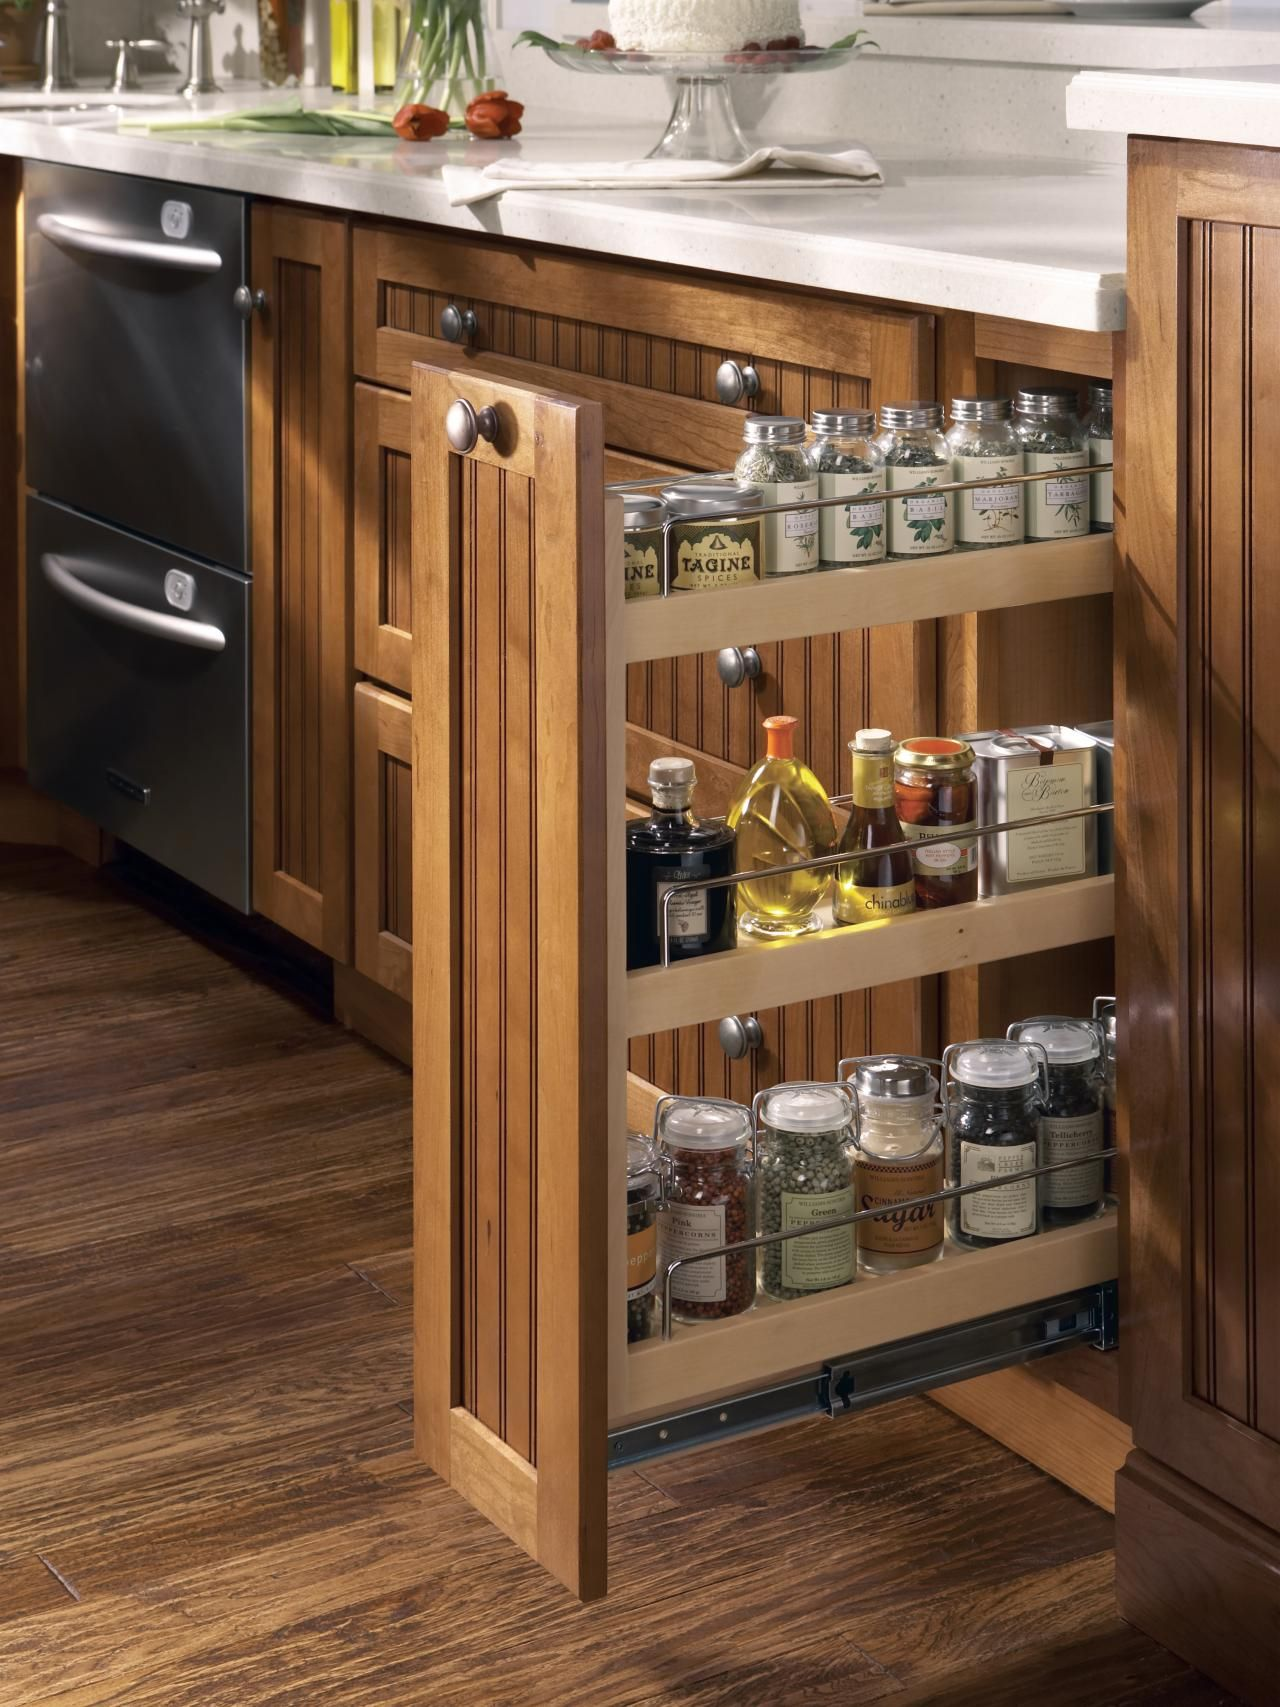 Gleitende Schubladen Für Küche Schränke Regale, Die Slide Küche